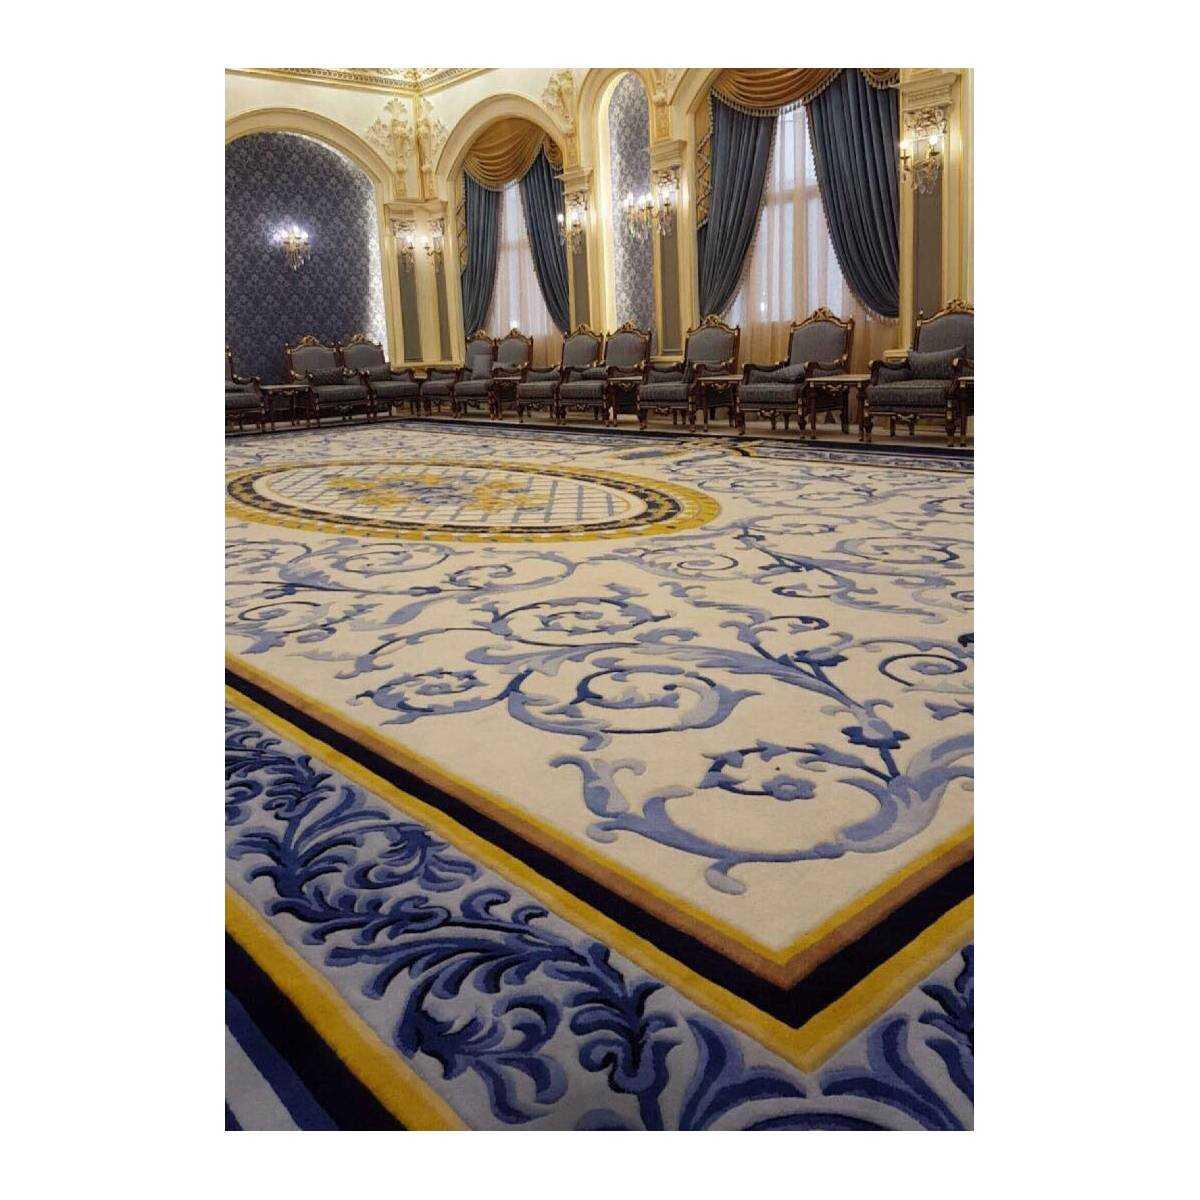 Ковры эксклюзивные carpet-exclusive.002 HASKUL HALI